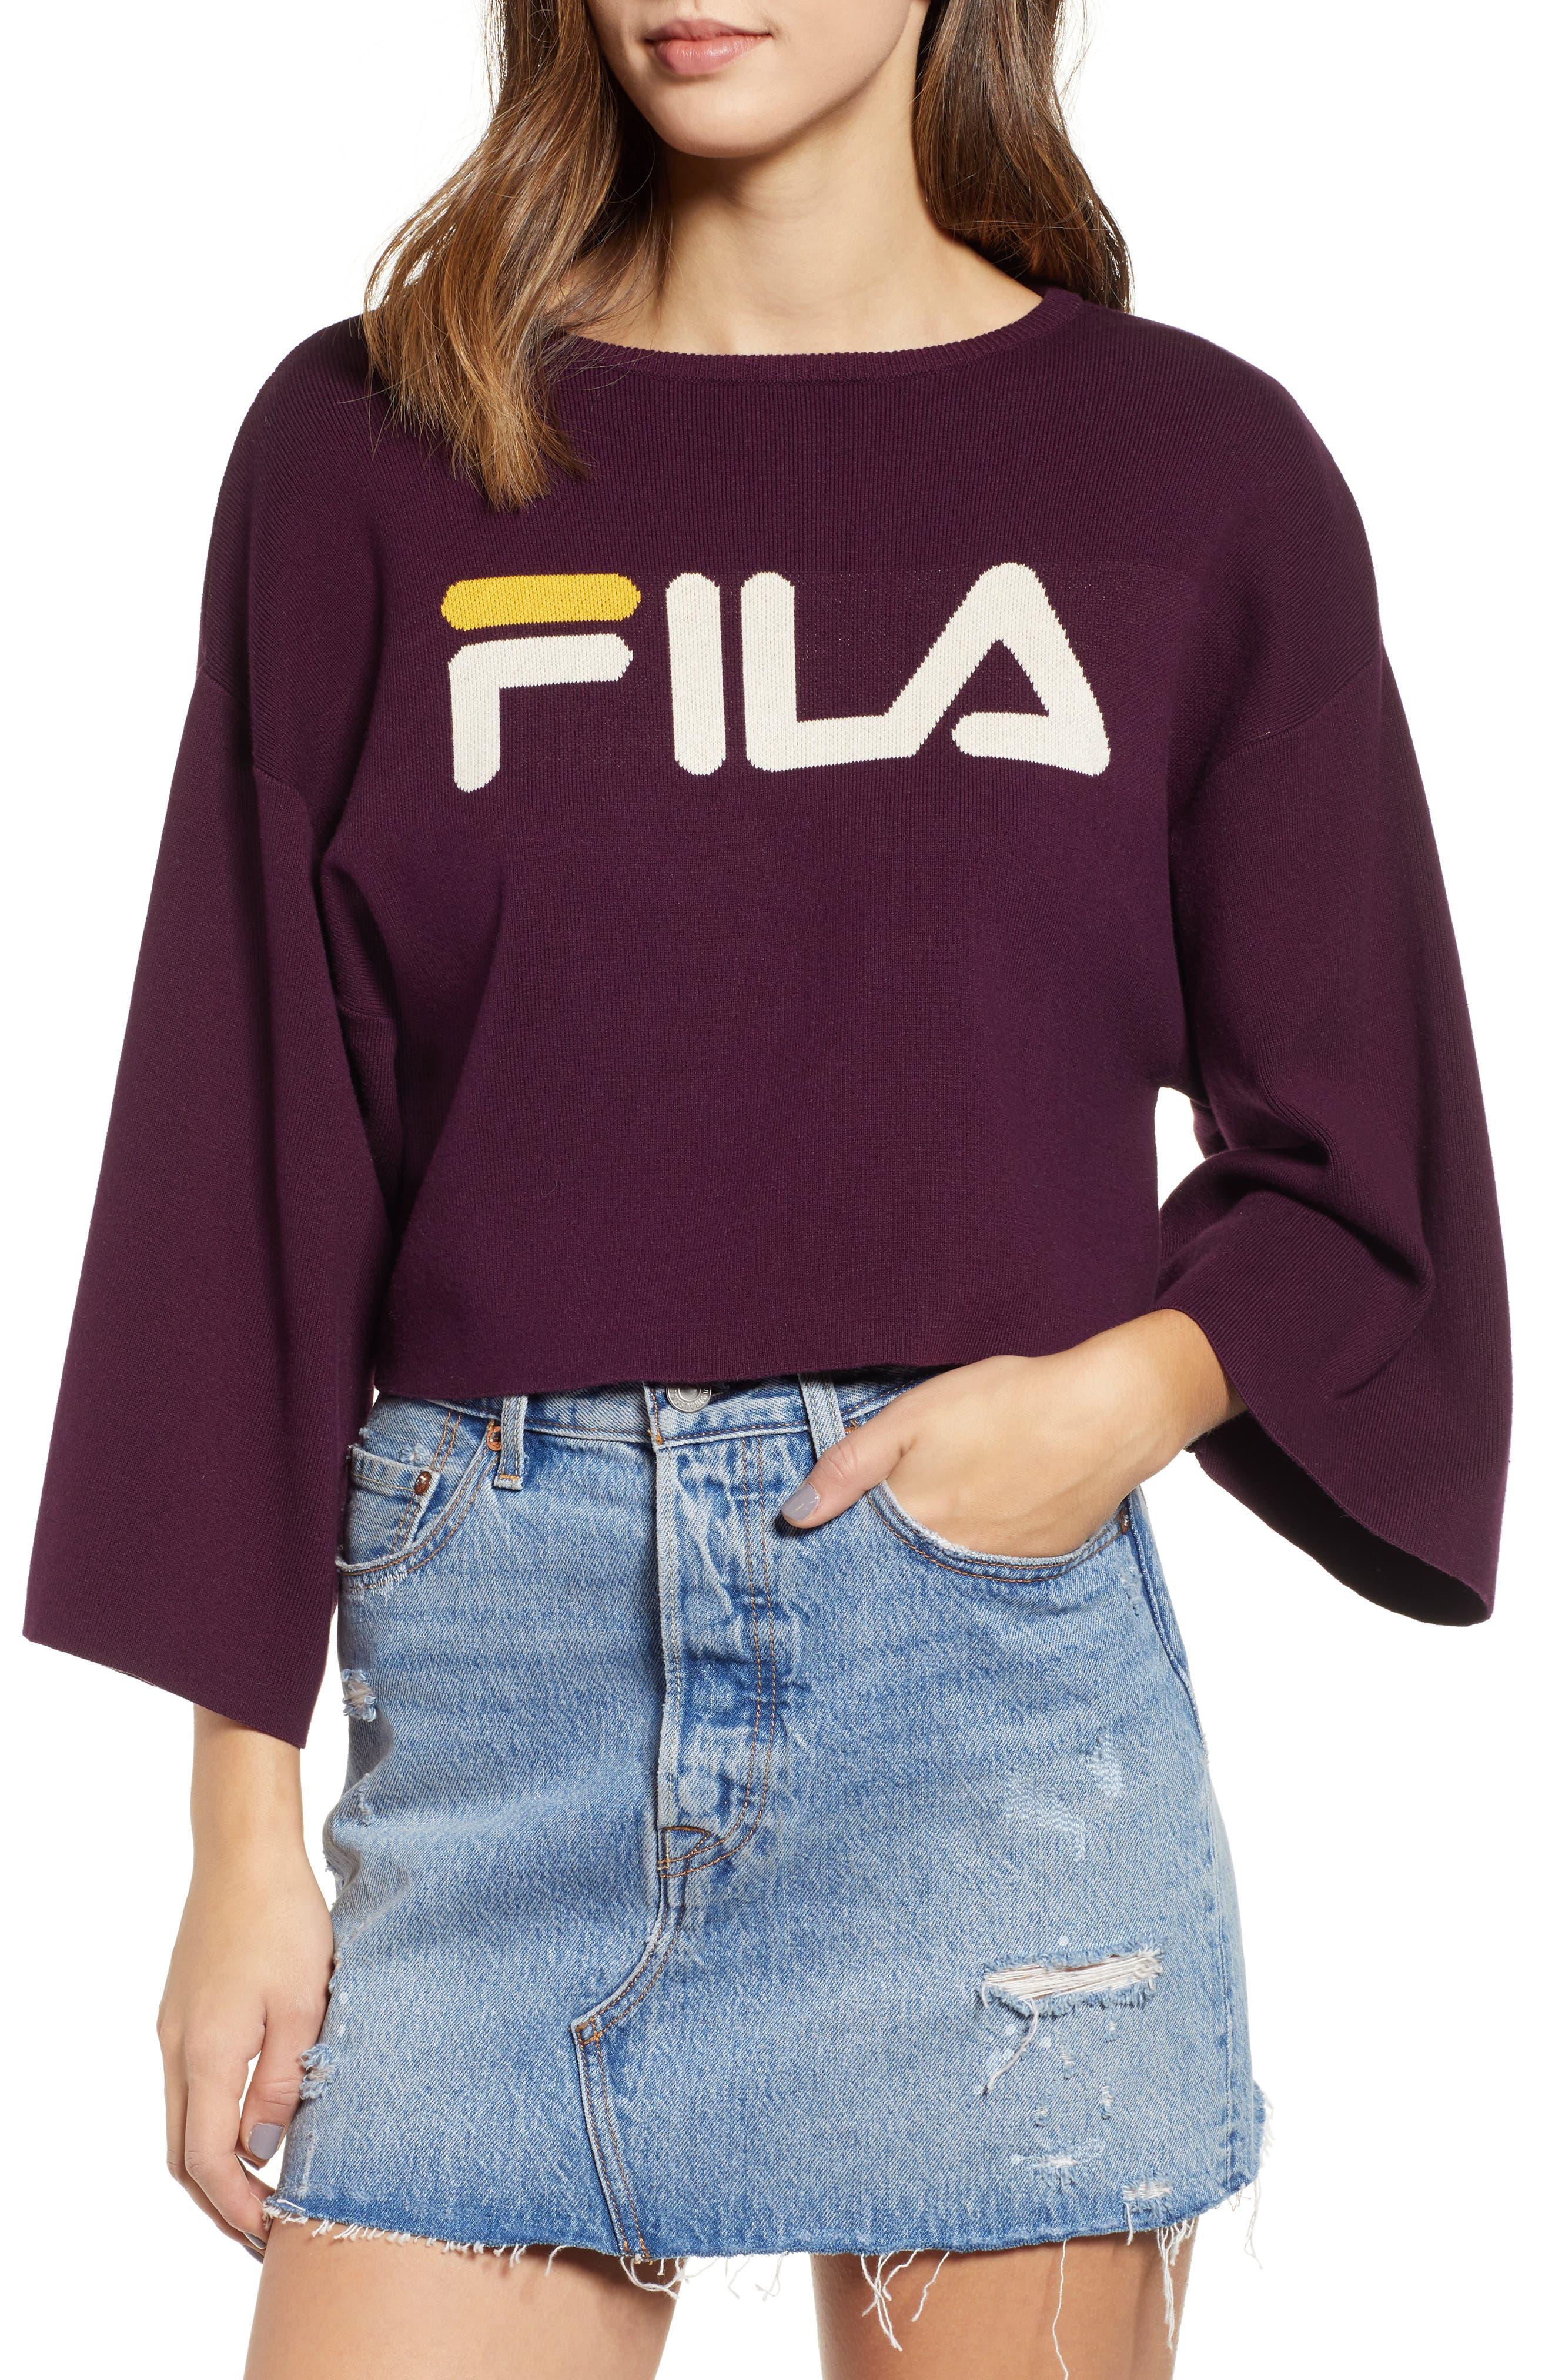 FILA Palmira Crop Sweater, Main, color, POTENT PURPLE